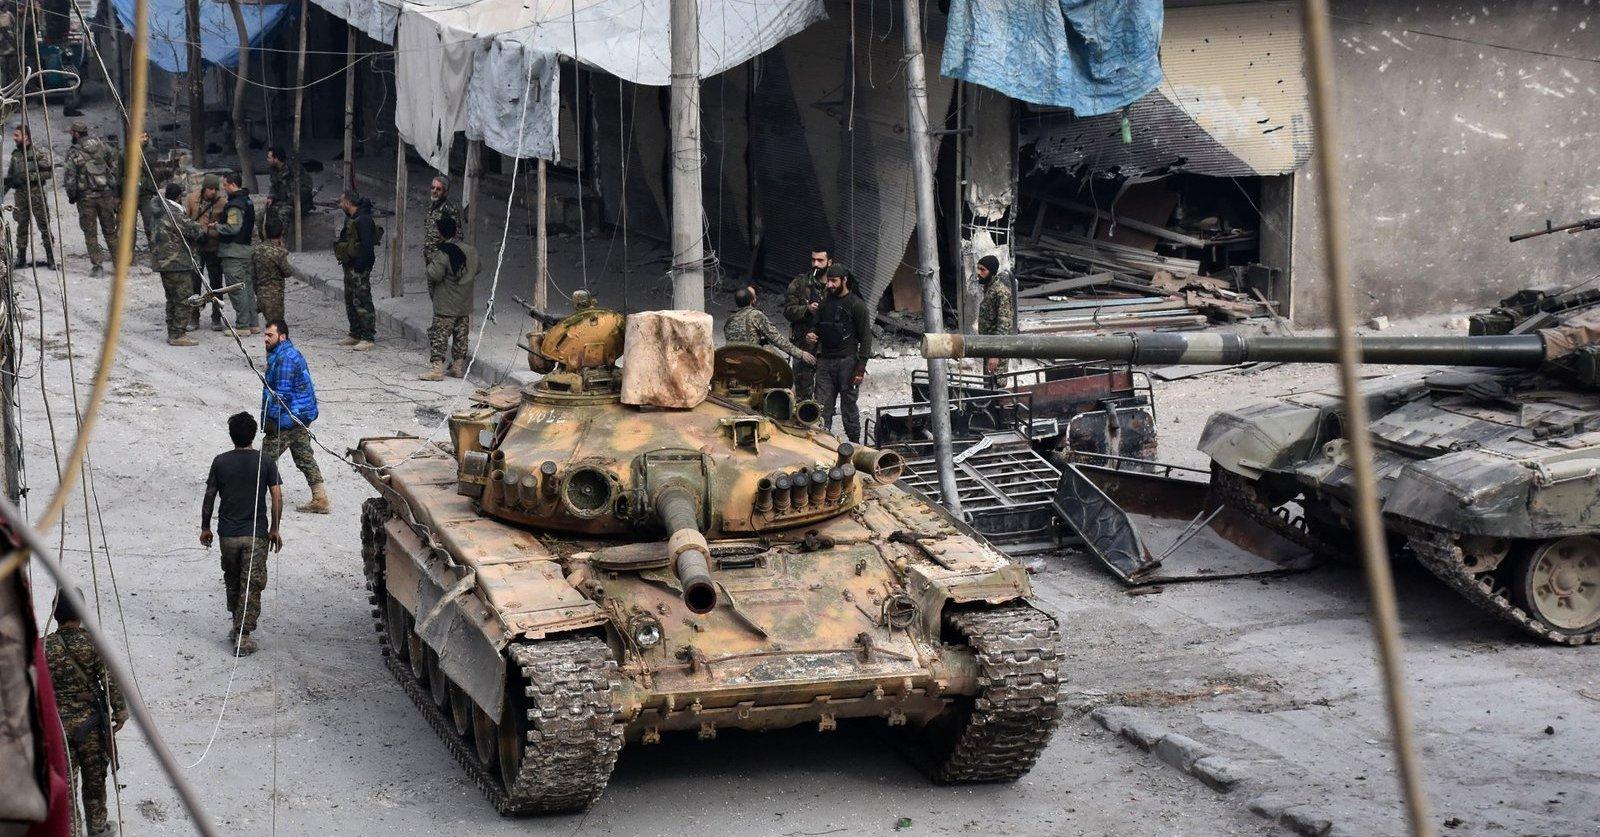 Masakra w Aleppo – żołnierze dyktatora chodzą od drzwi do drzwi i mordują cywilów